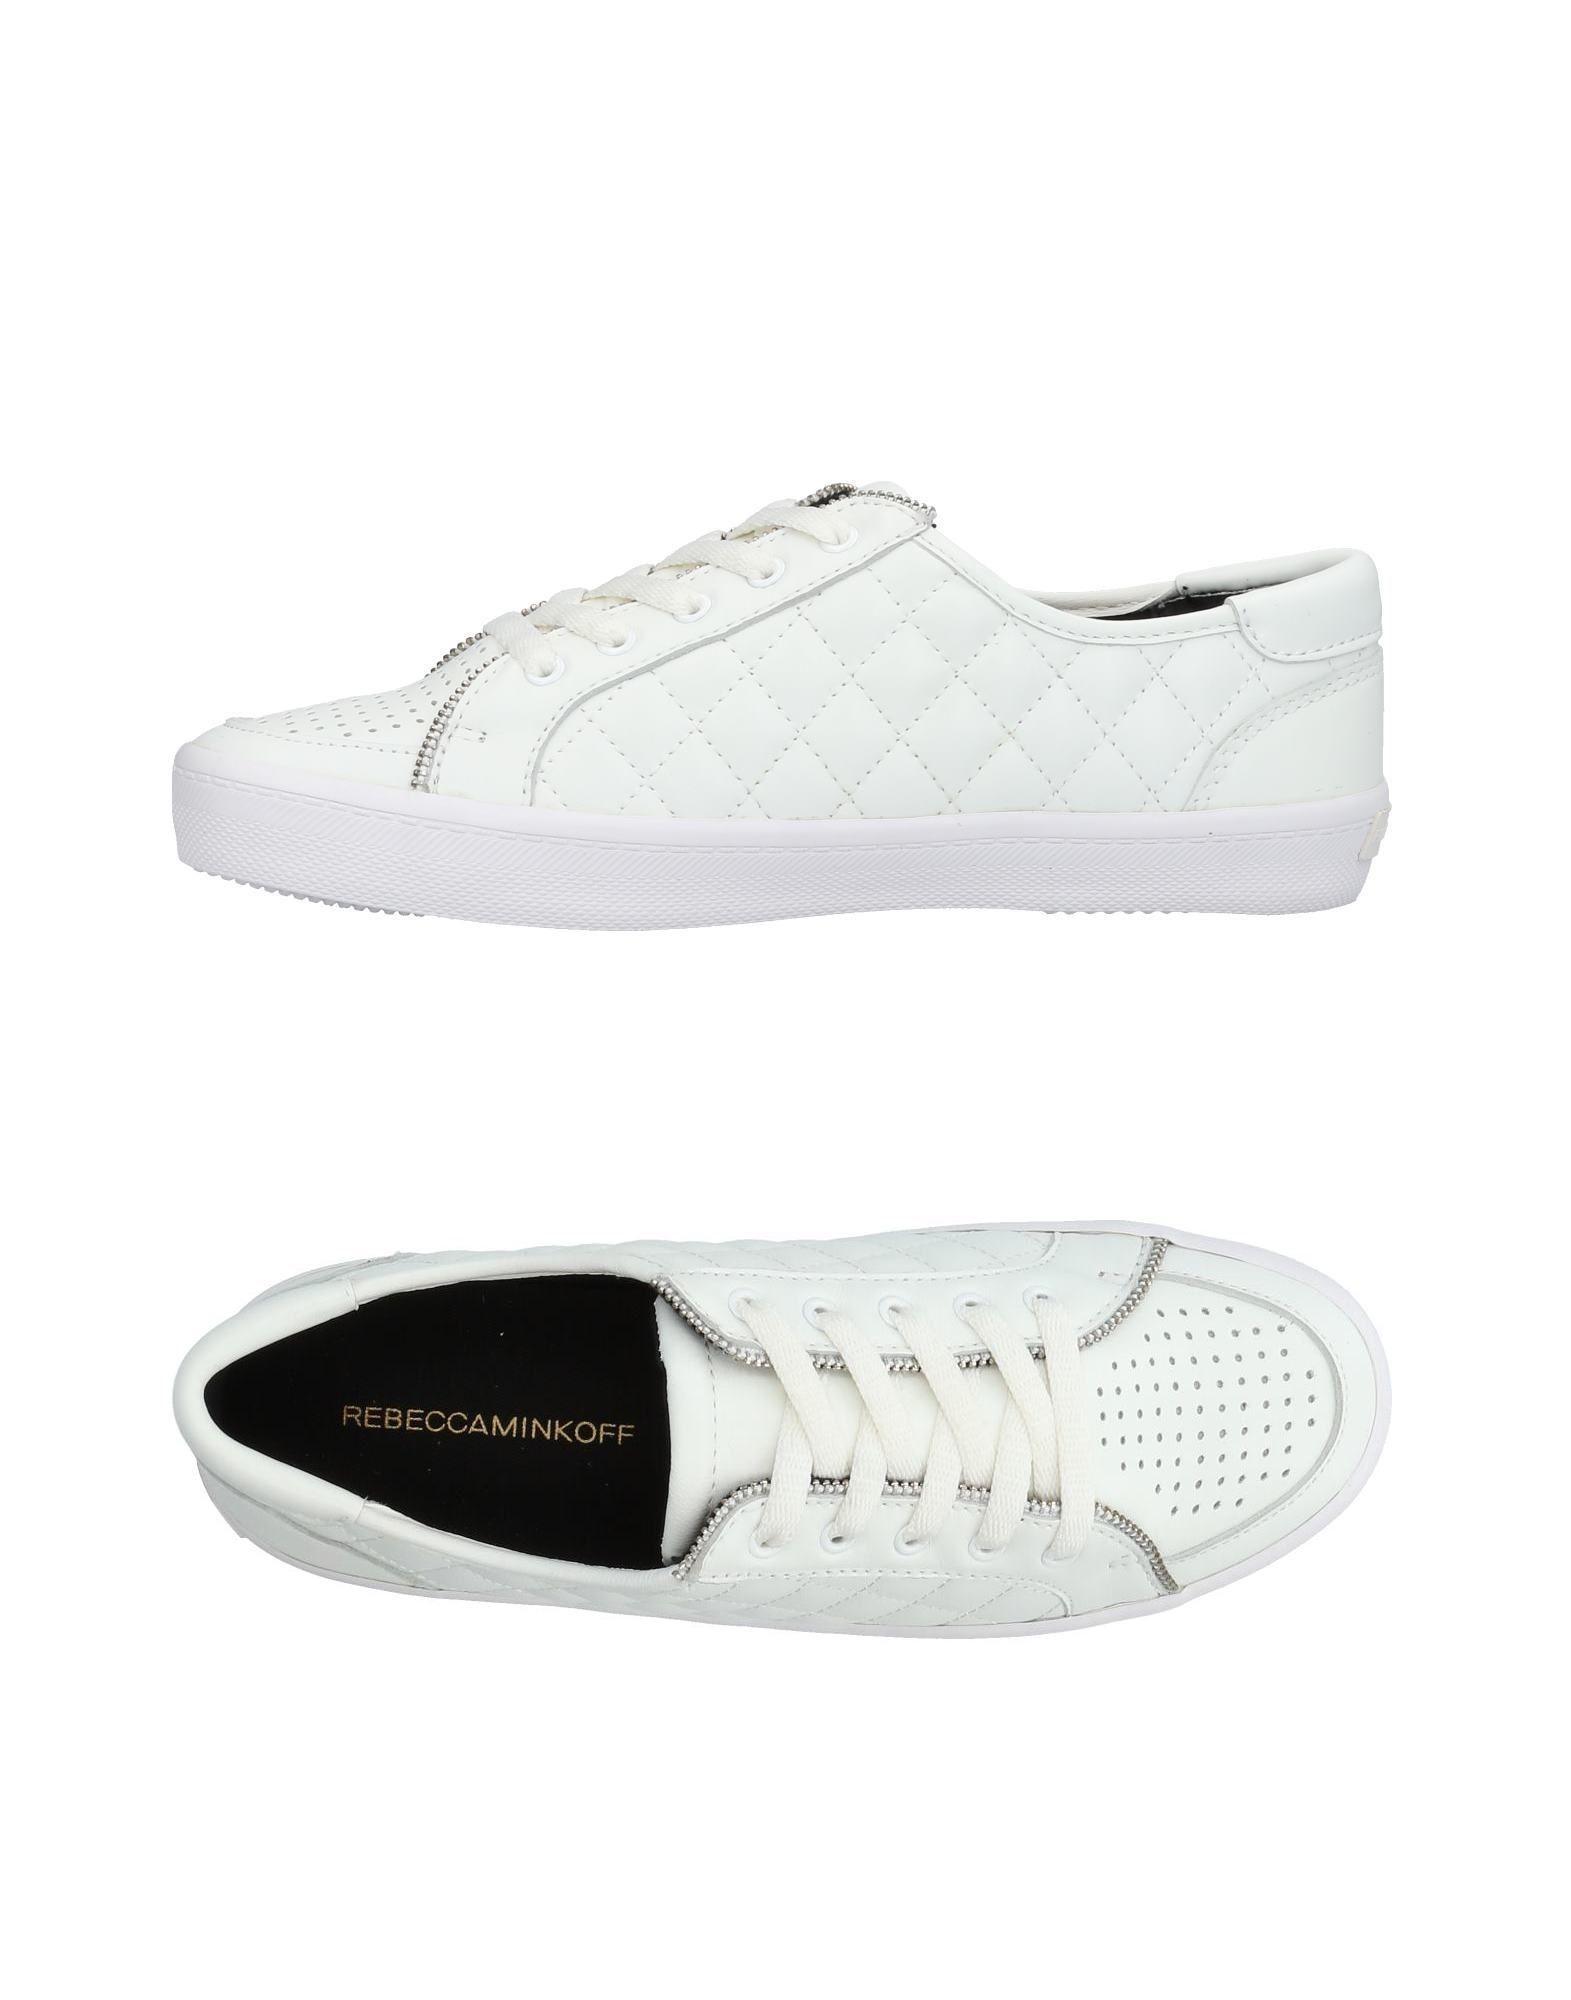 Rebecca Minkoff Sneakers In White